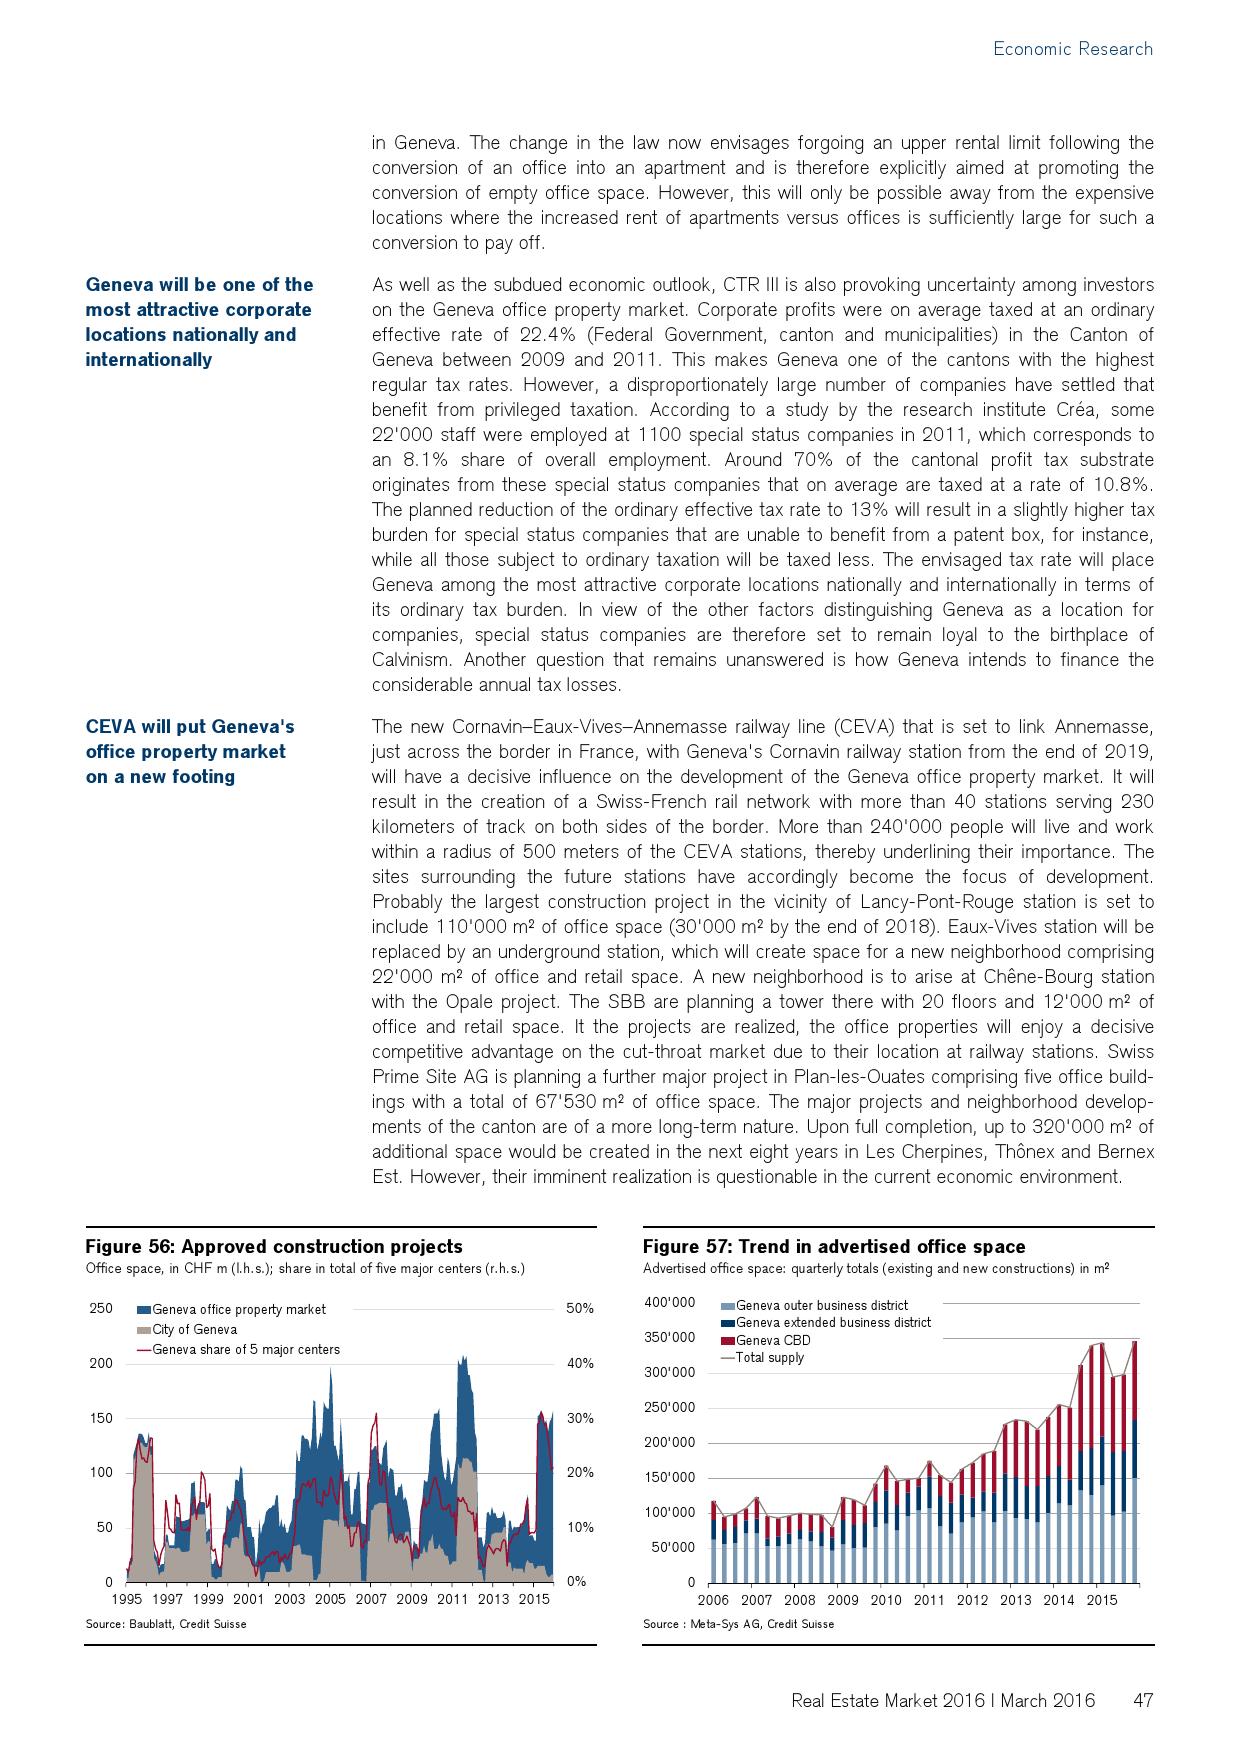 2016年瑞士房地产市场研究报告_000047